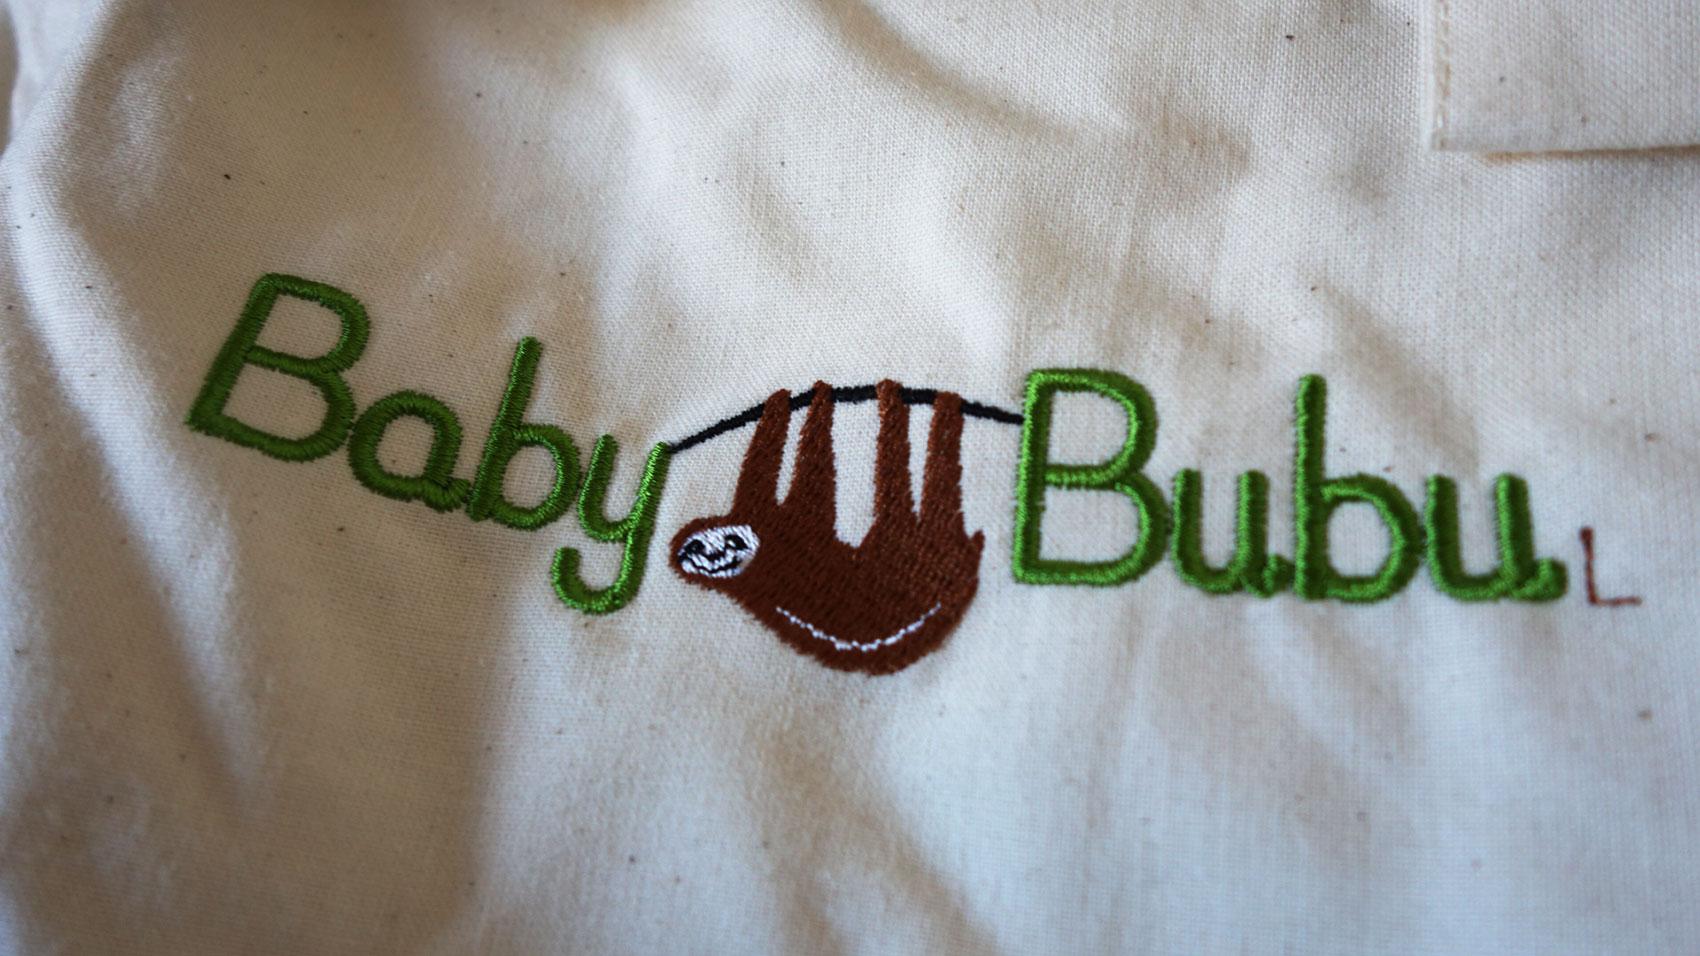 babybubu-federwiege-test-vergleich_6EBD